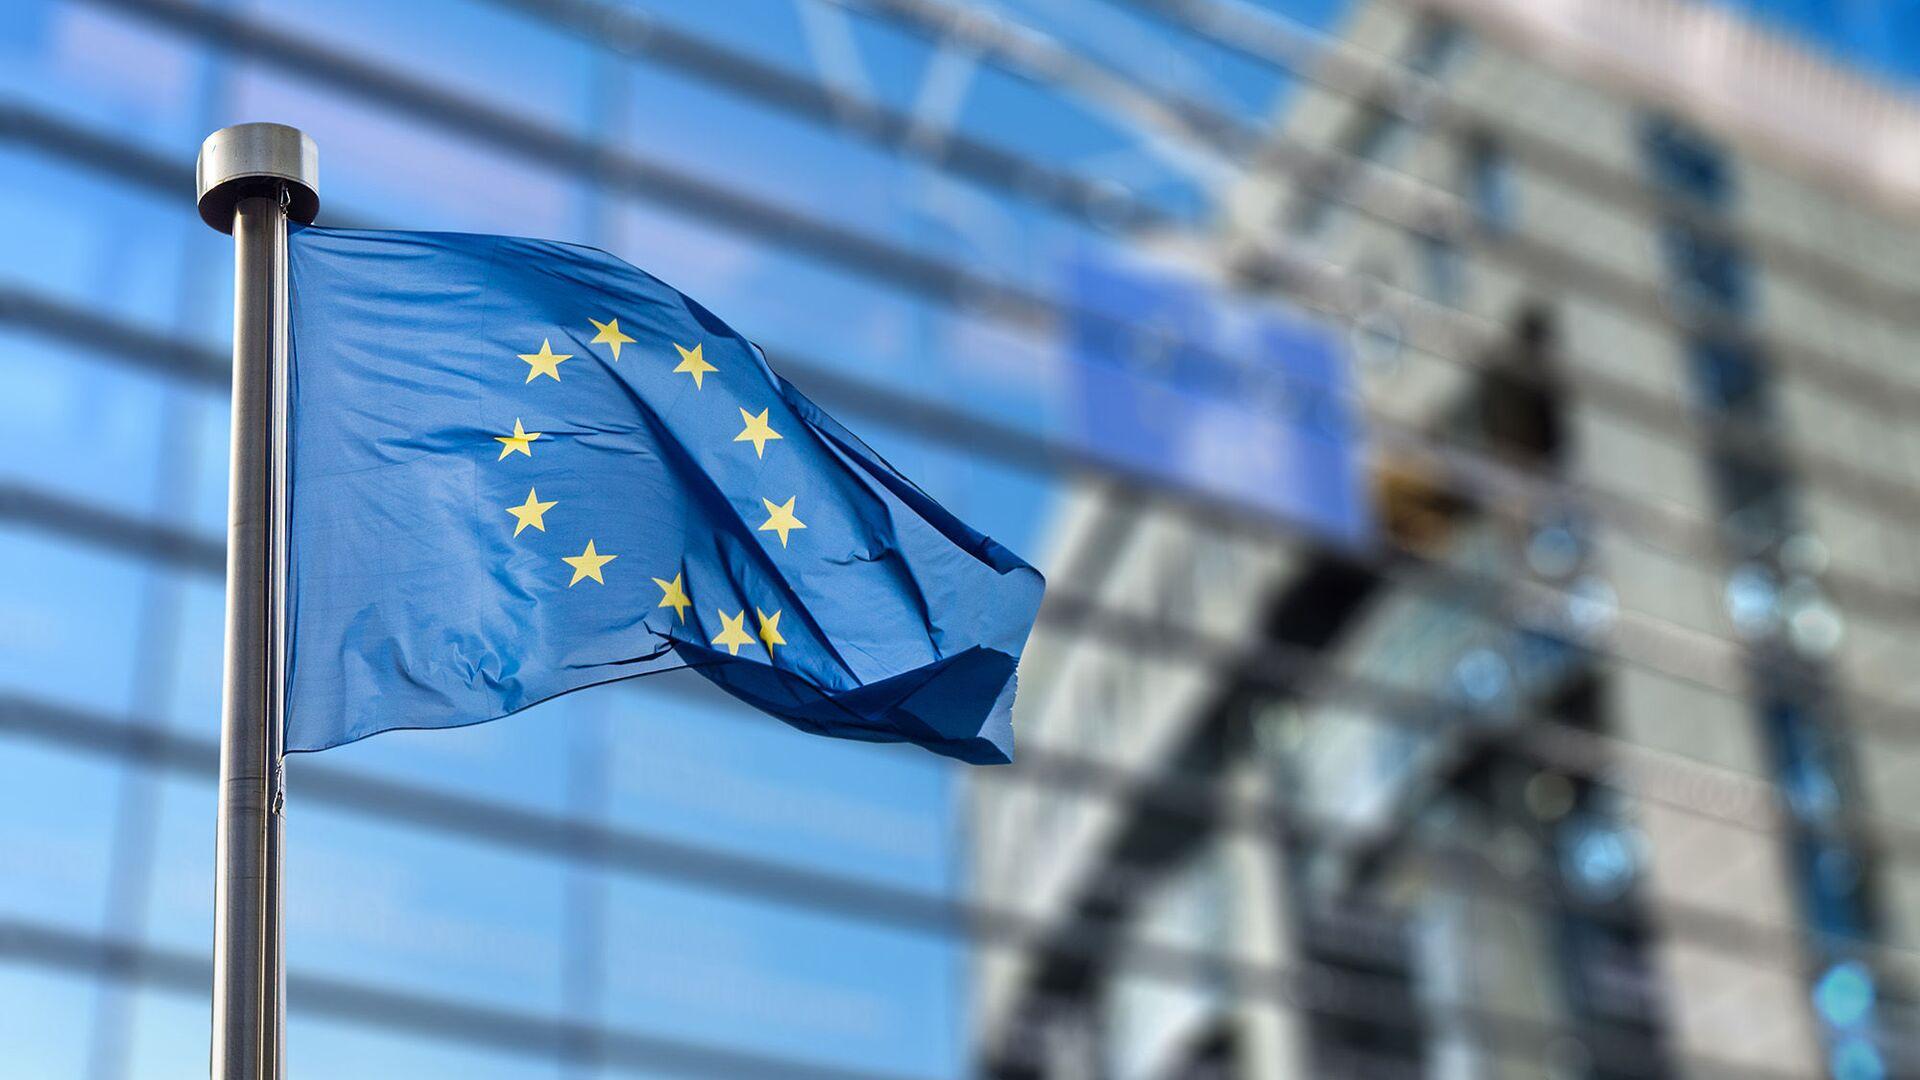 Flaga Unii Europejskiej na tle budynku Parlamentu Europejskiego w Brukseli - Sputnik Polska, 1920, 12.10.2021